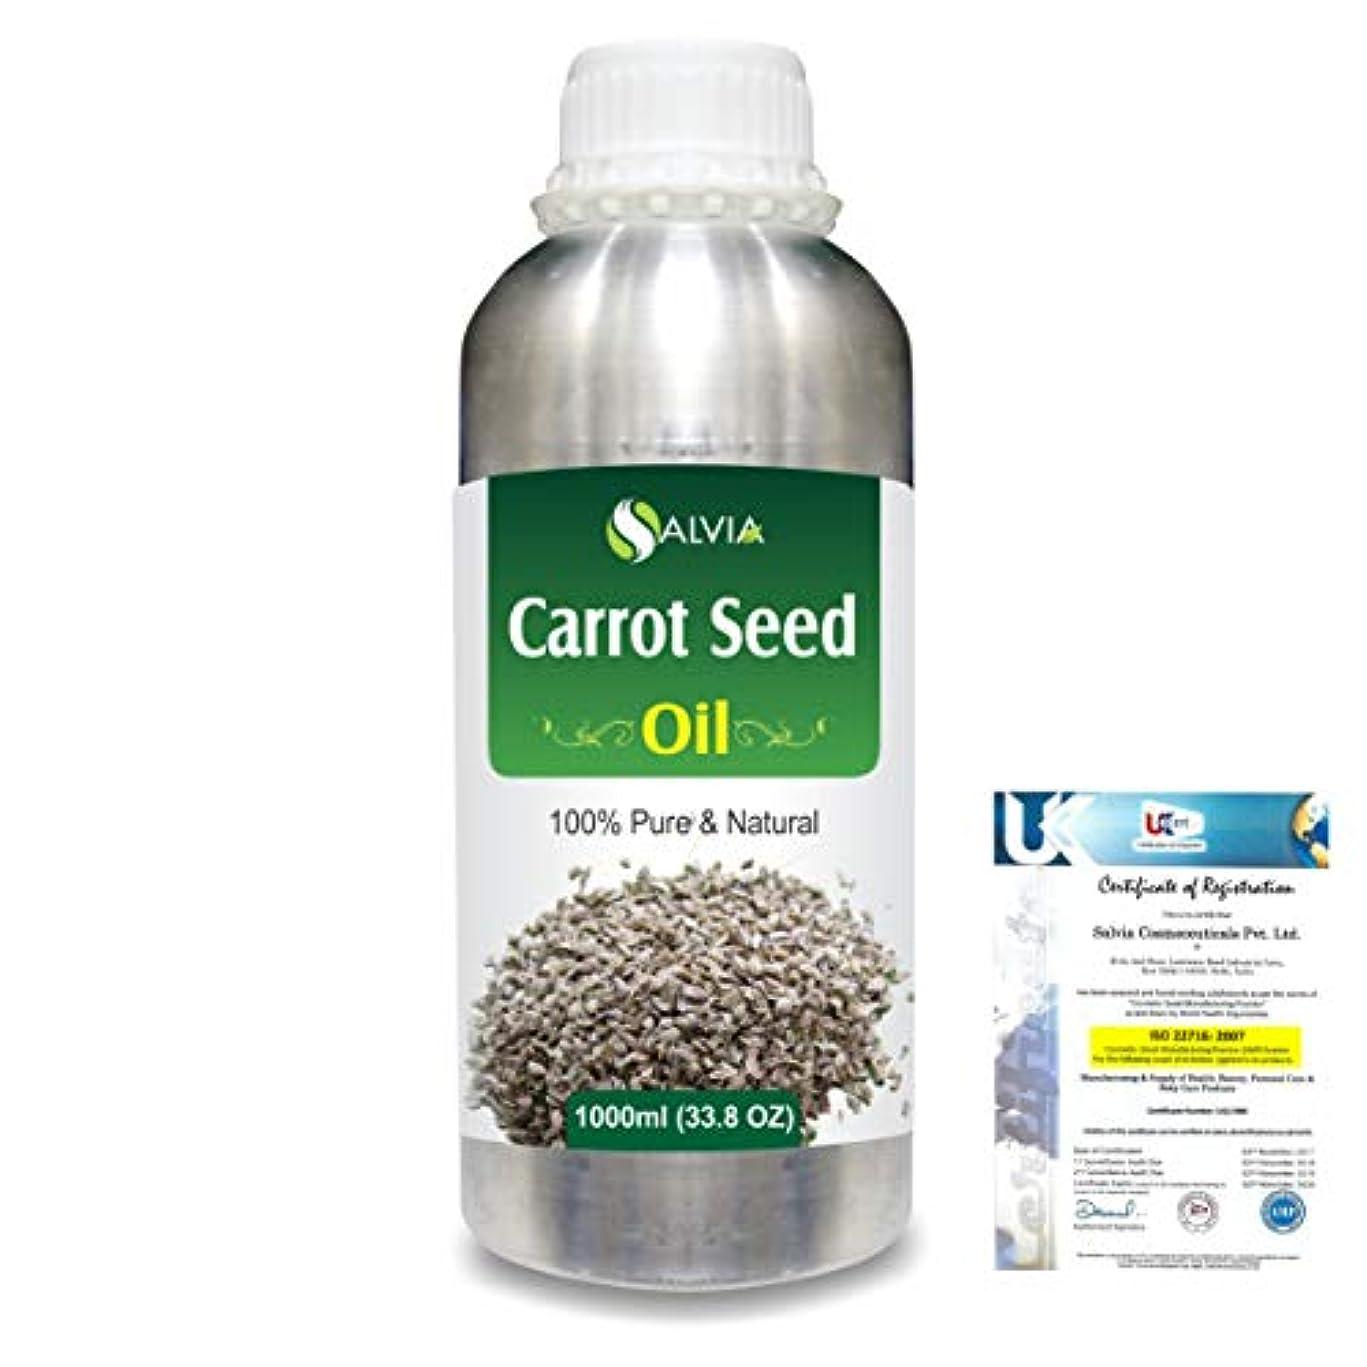 差賛辞不公平Carrot Seed (daucus carota) 100% Natural Pure Essential Oil 1000ml/33.8fl.oz.